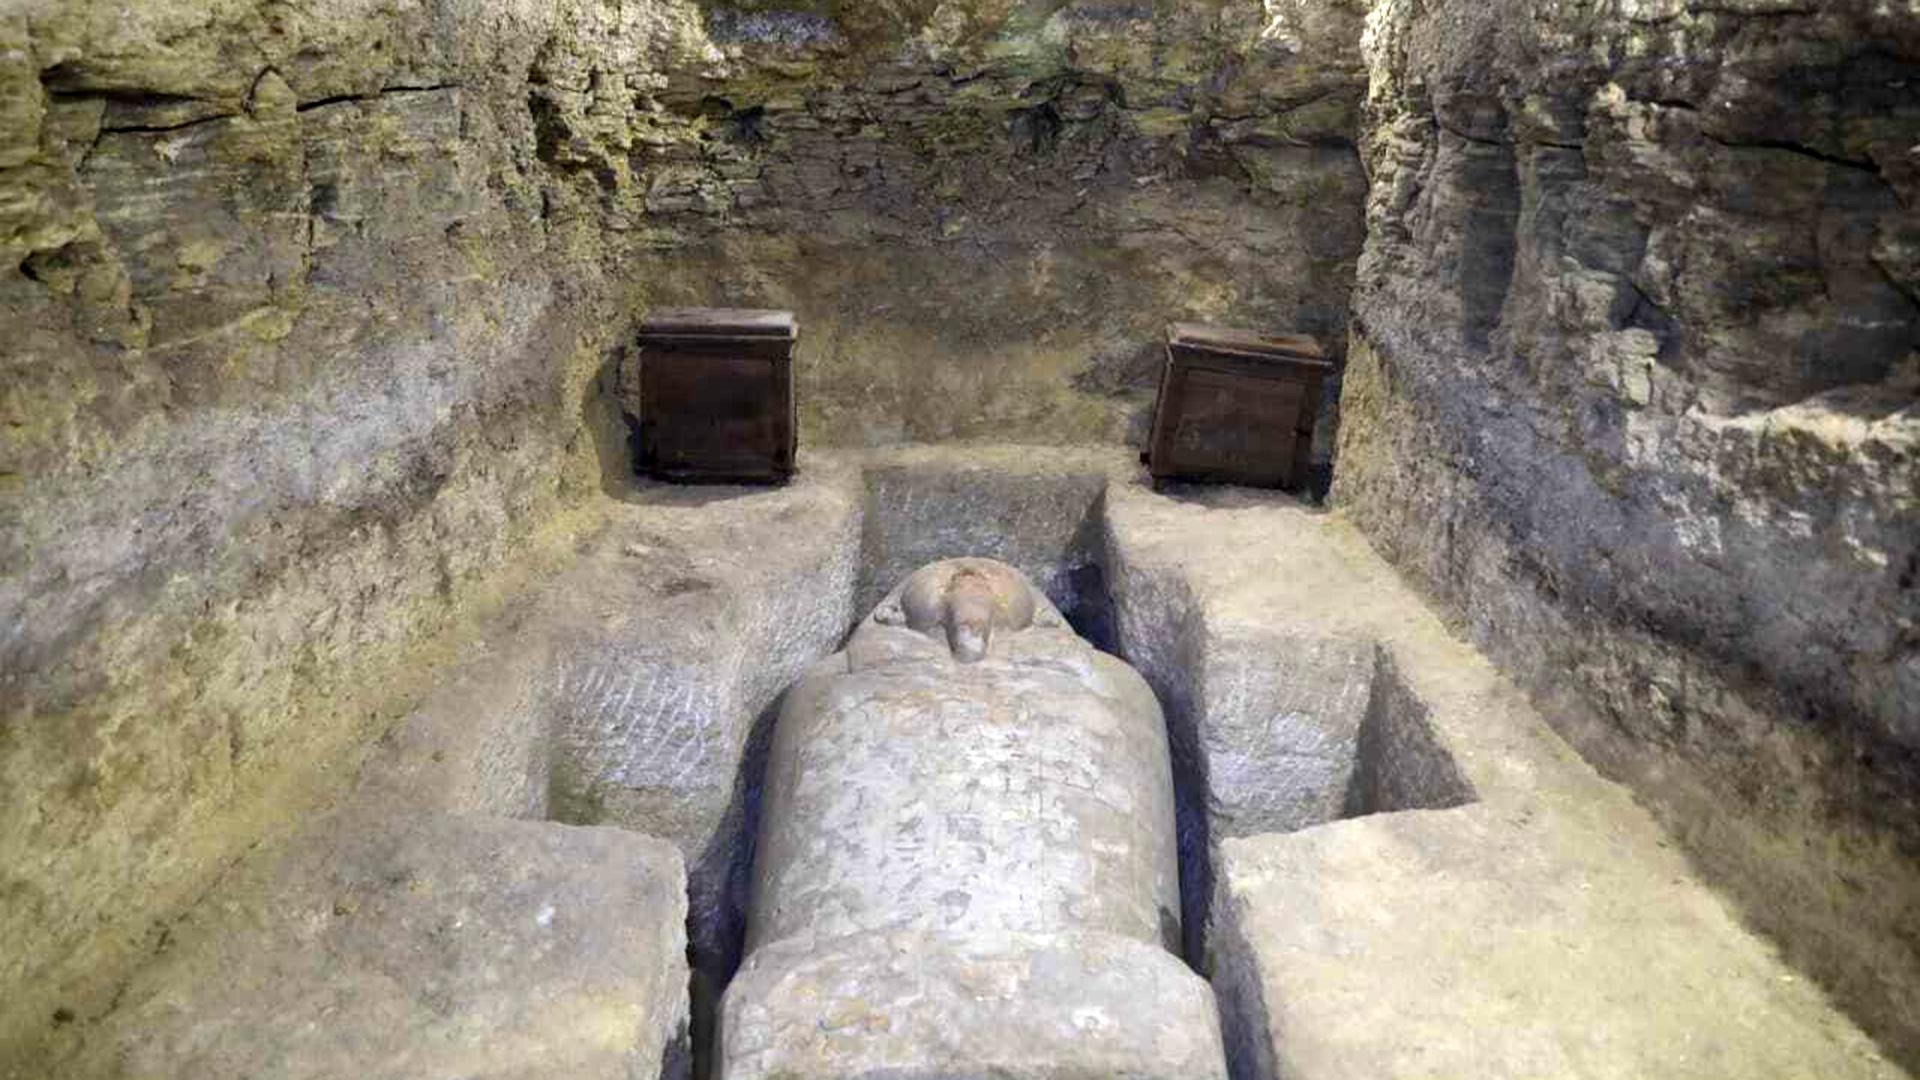 Hallan tumbas de sacerdotes egipcios de 3,000 años de antigüedad